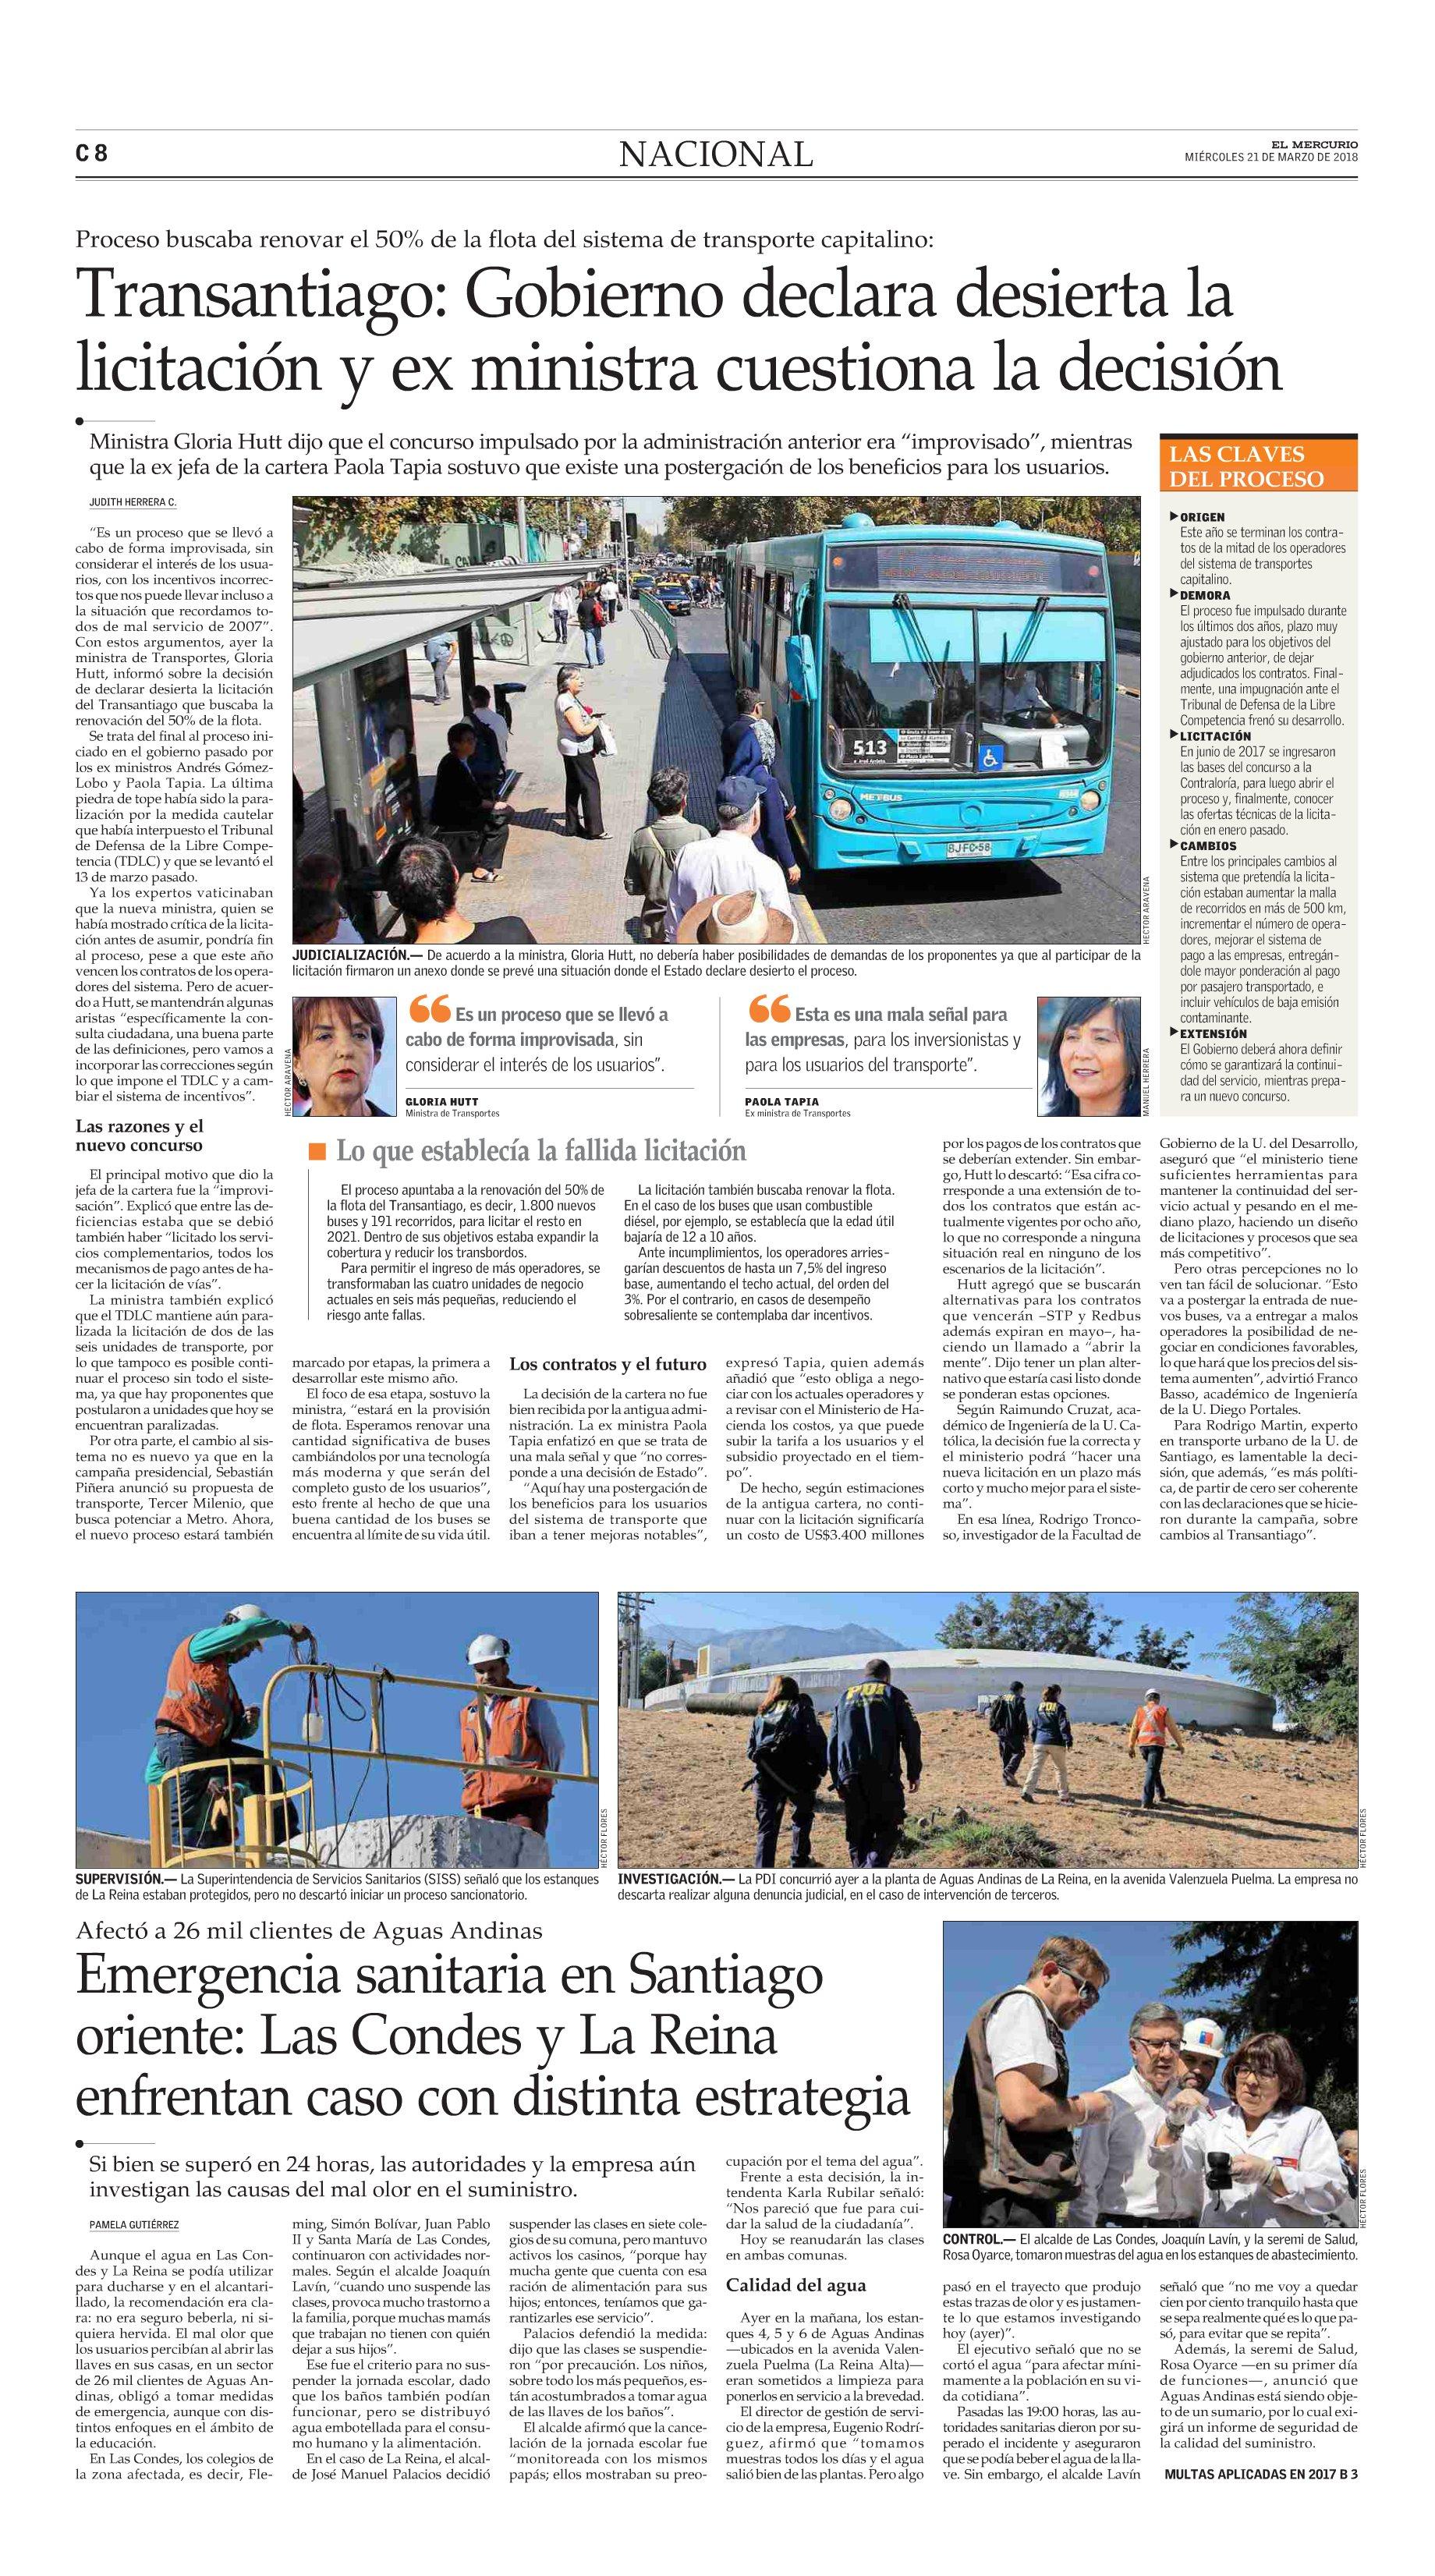 Contemporáneo Reanudar Muestras De Nivel De Entrada De Servicio Al ...